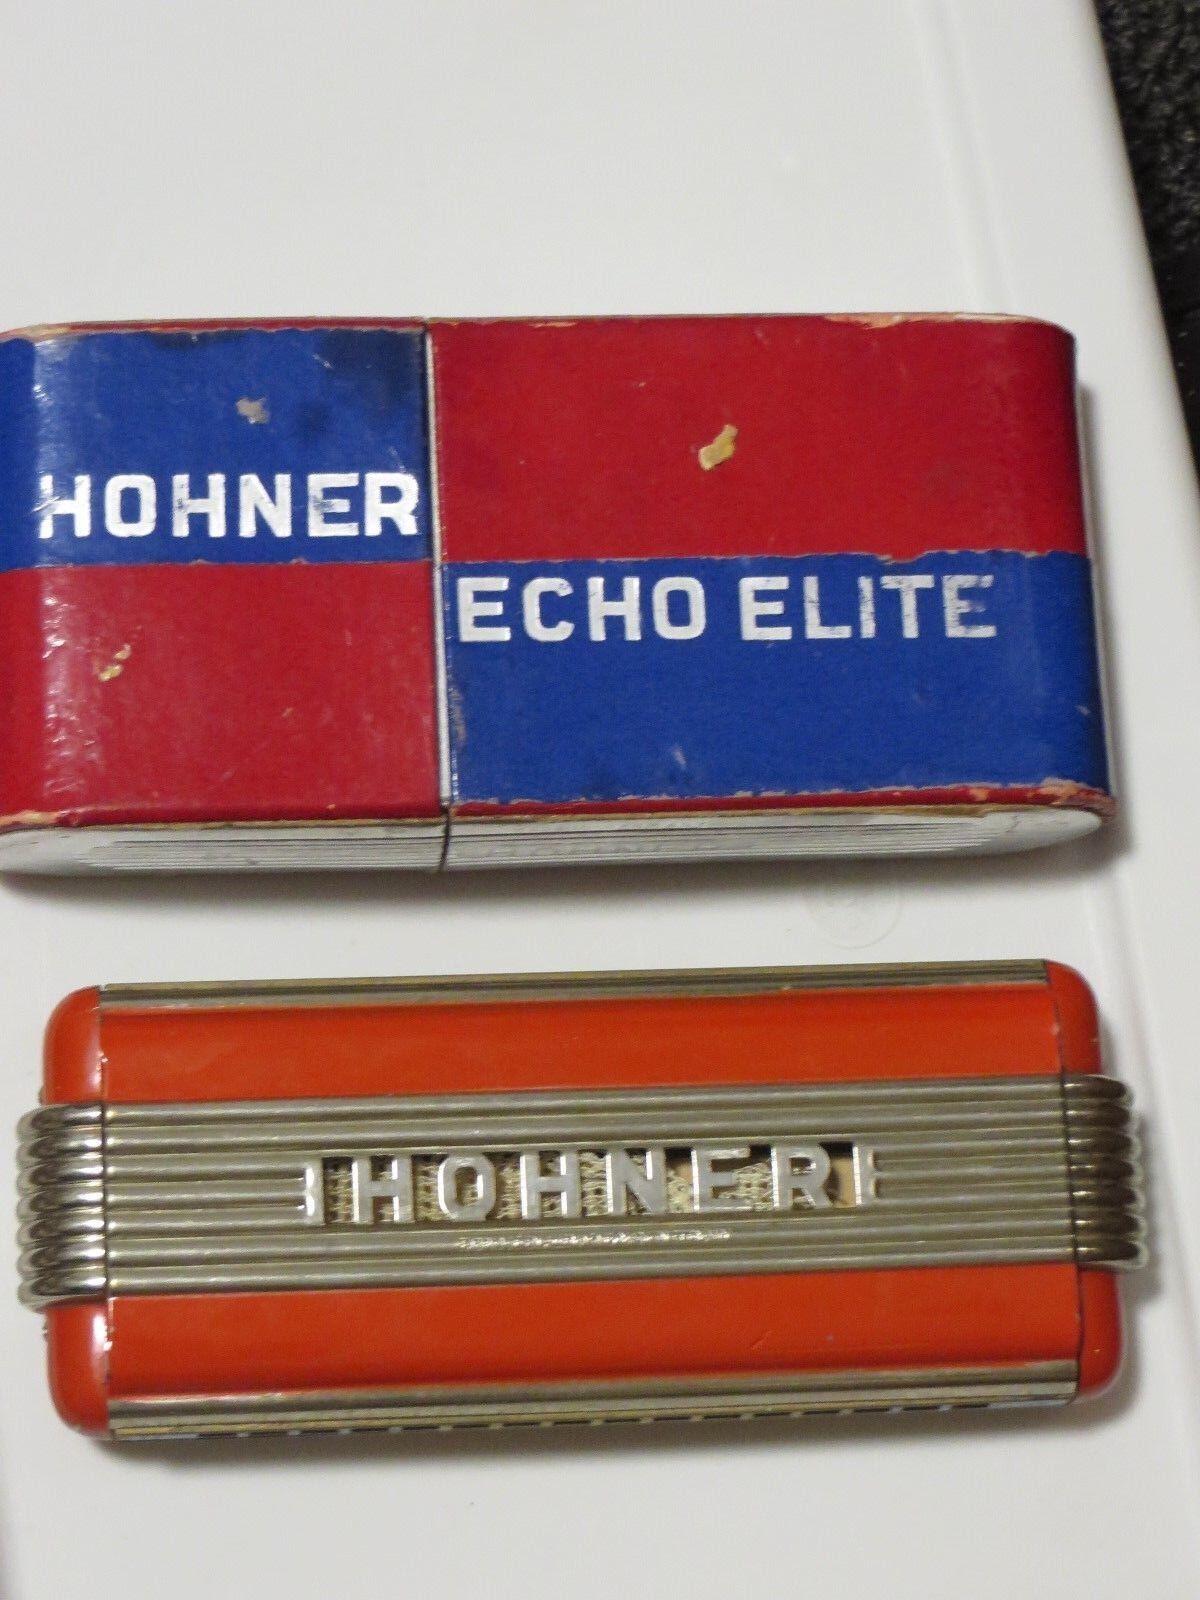 Vintage HOHNER ECHO ELITE HARMONICA GERMANY & Box (1930's) ART DECO Blau&rot BOX